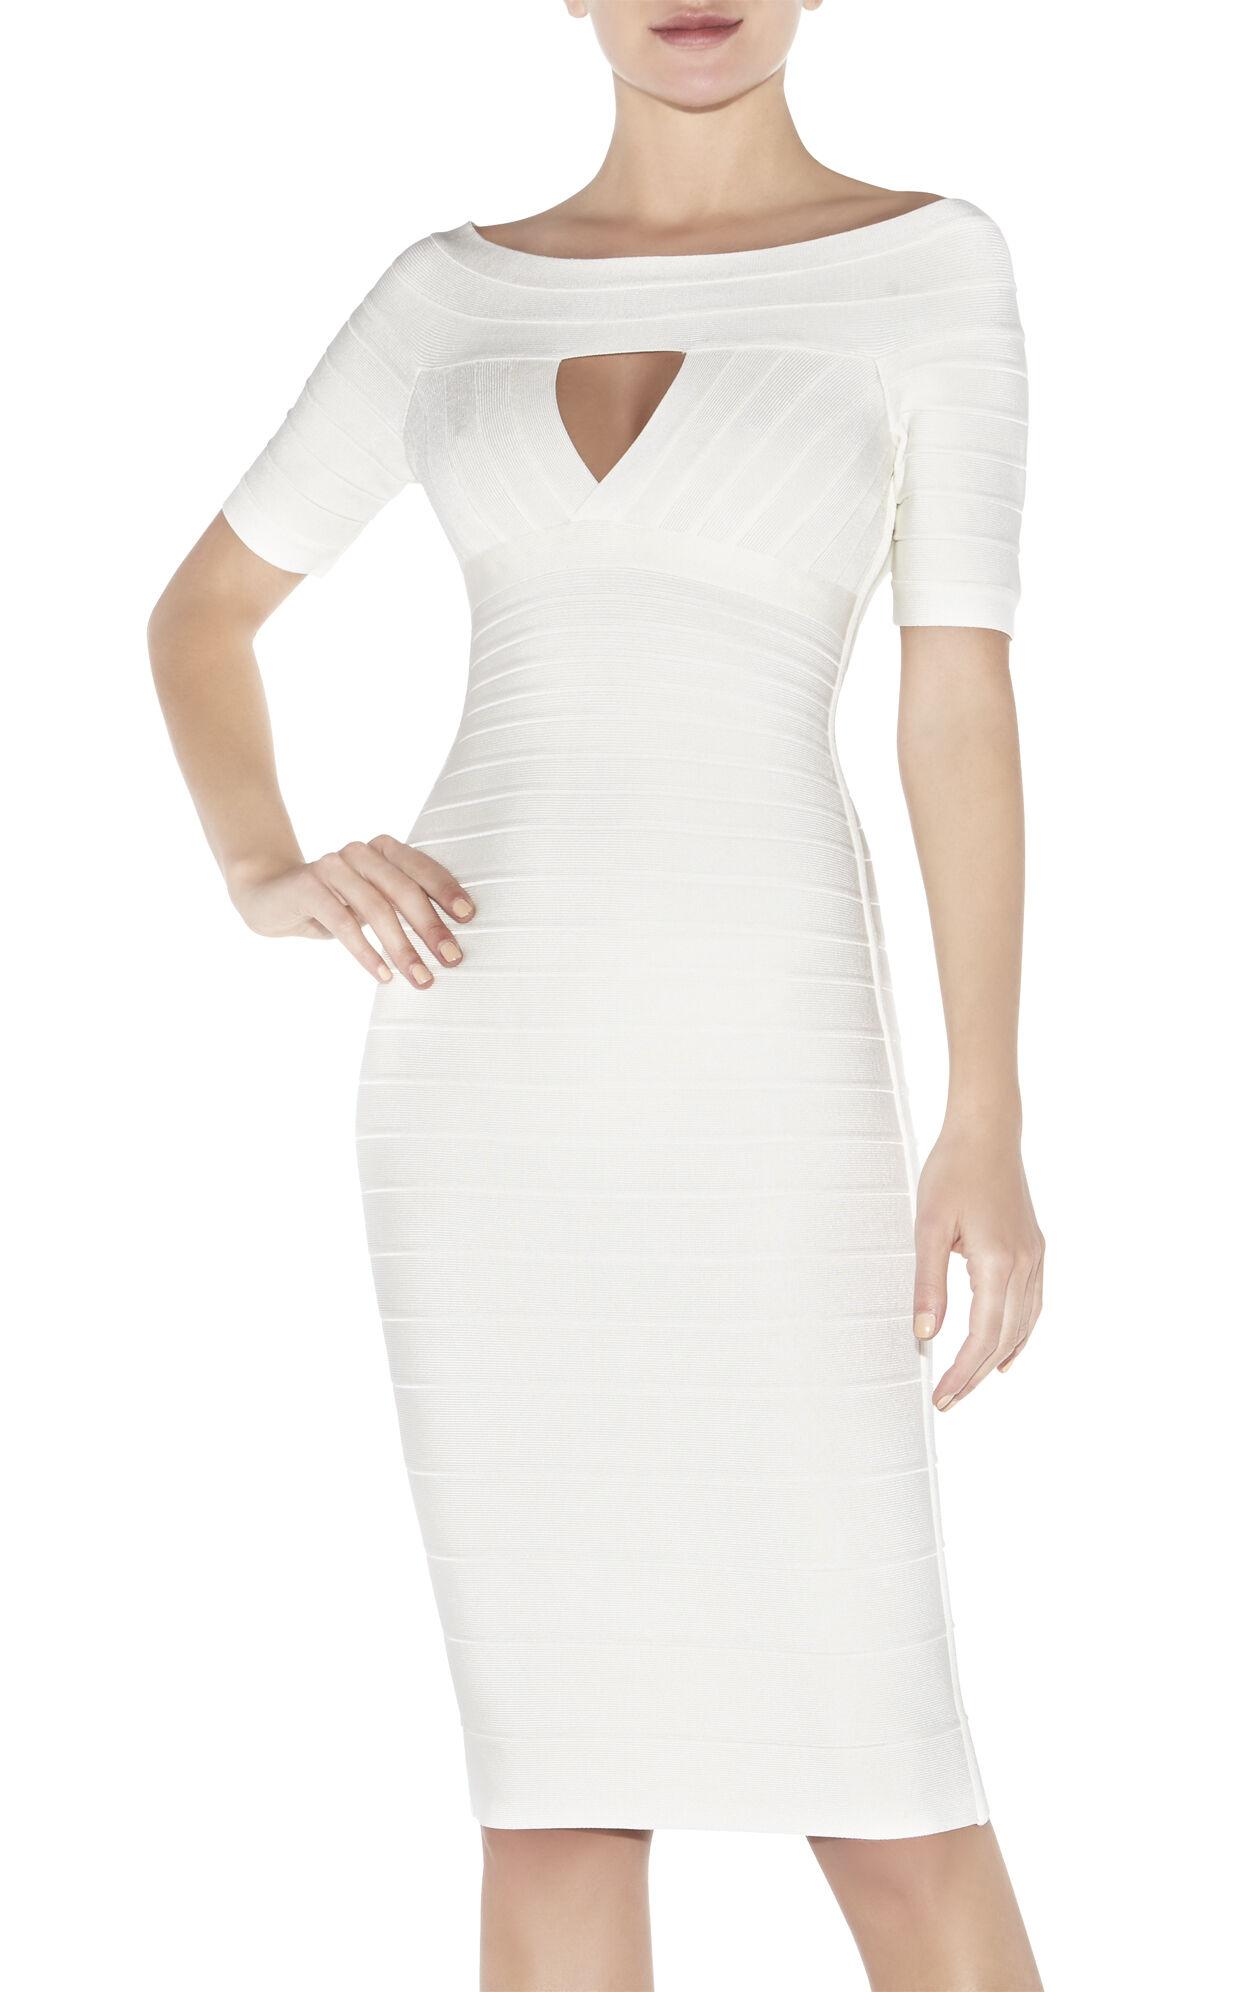 Kristin Signature Essentials Dress